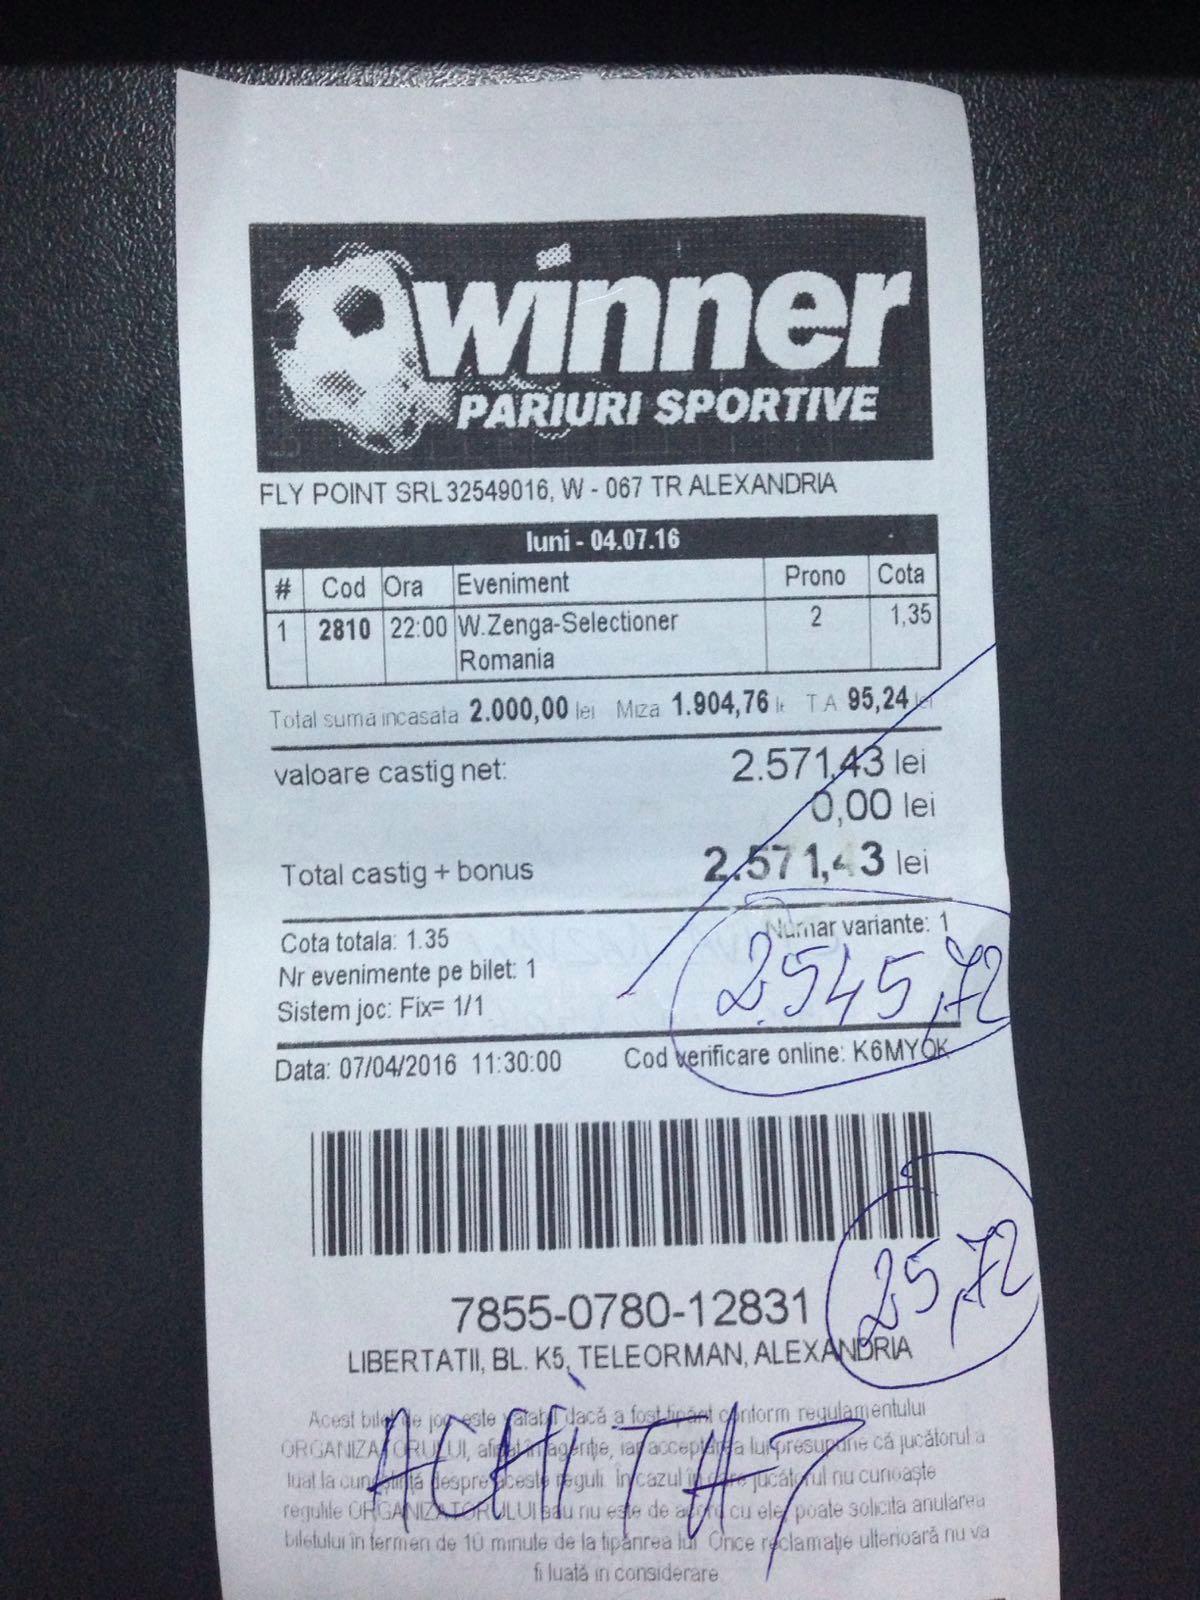 Noul selectioner al Romaniei a adus profit unui parior de la Winner